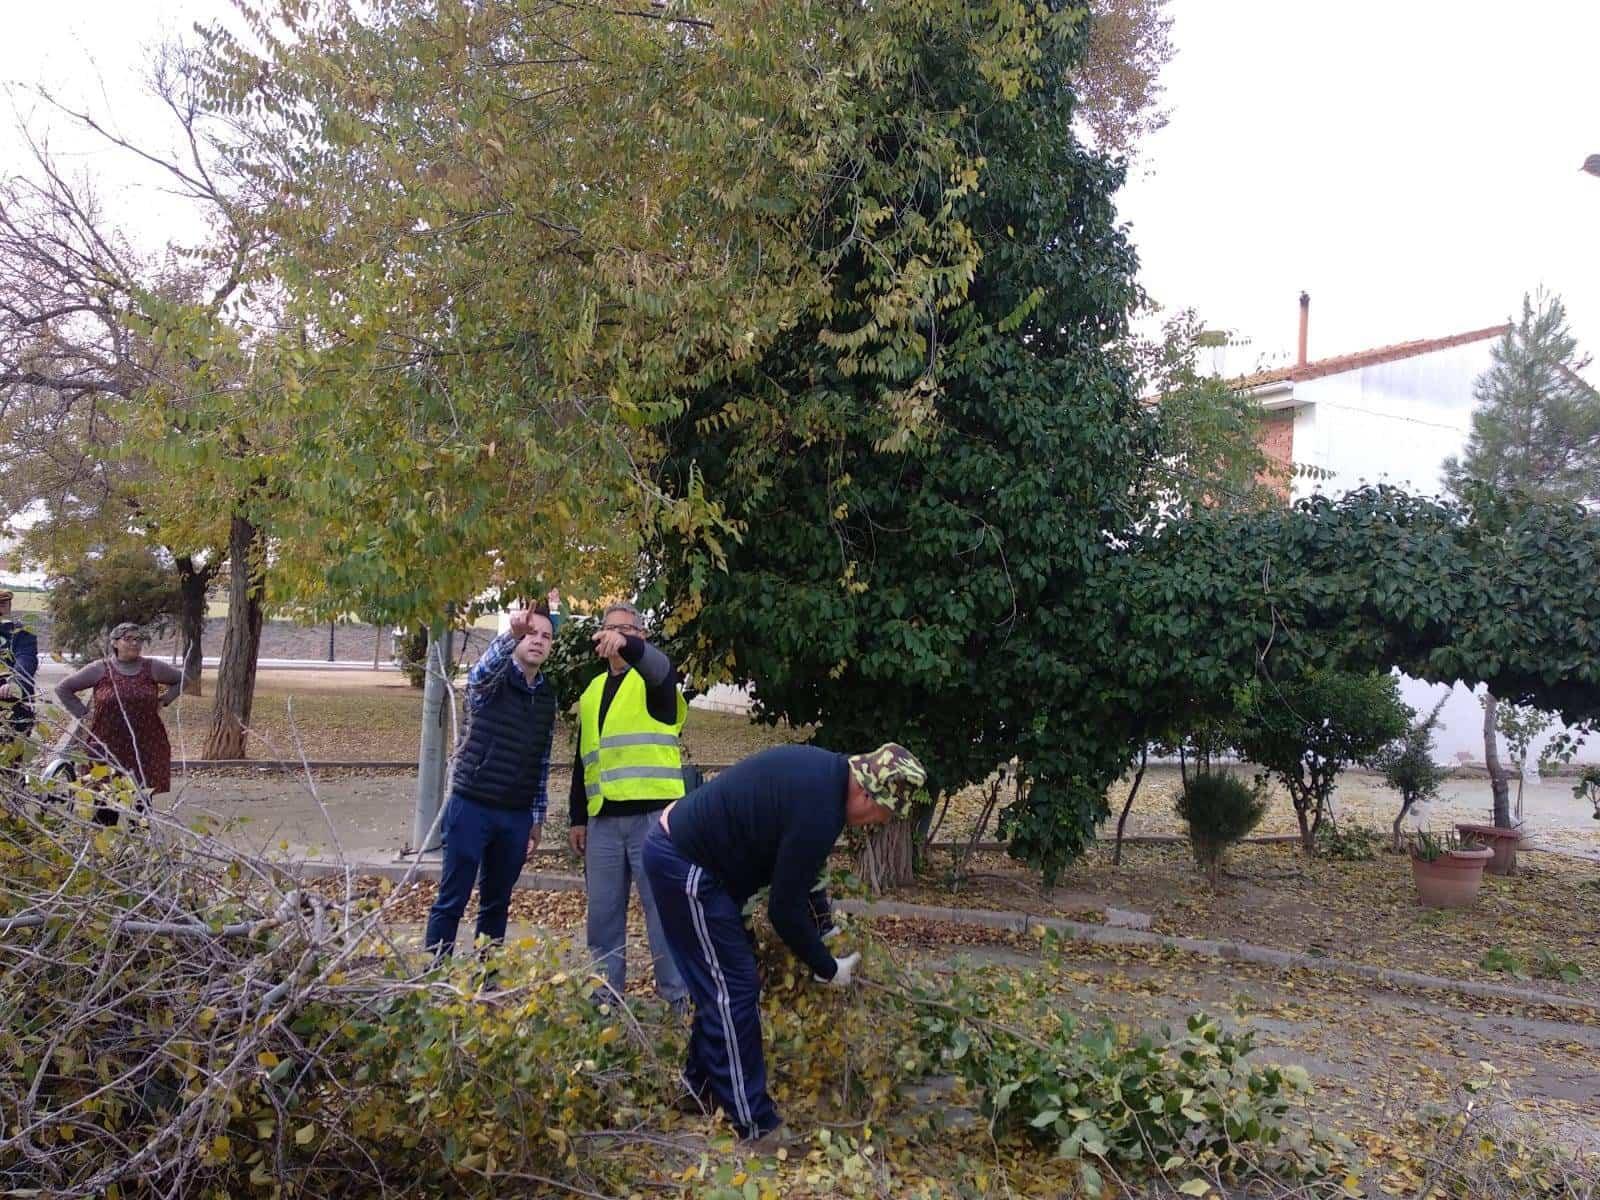 campana de poda arboles 2019 herencia 2 - Comienza la campaña de Poda para garantizar la conservación de los árboles